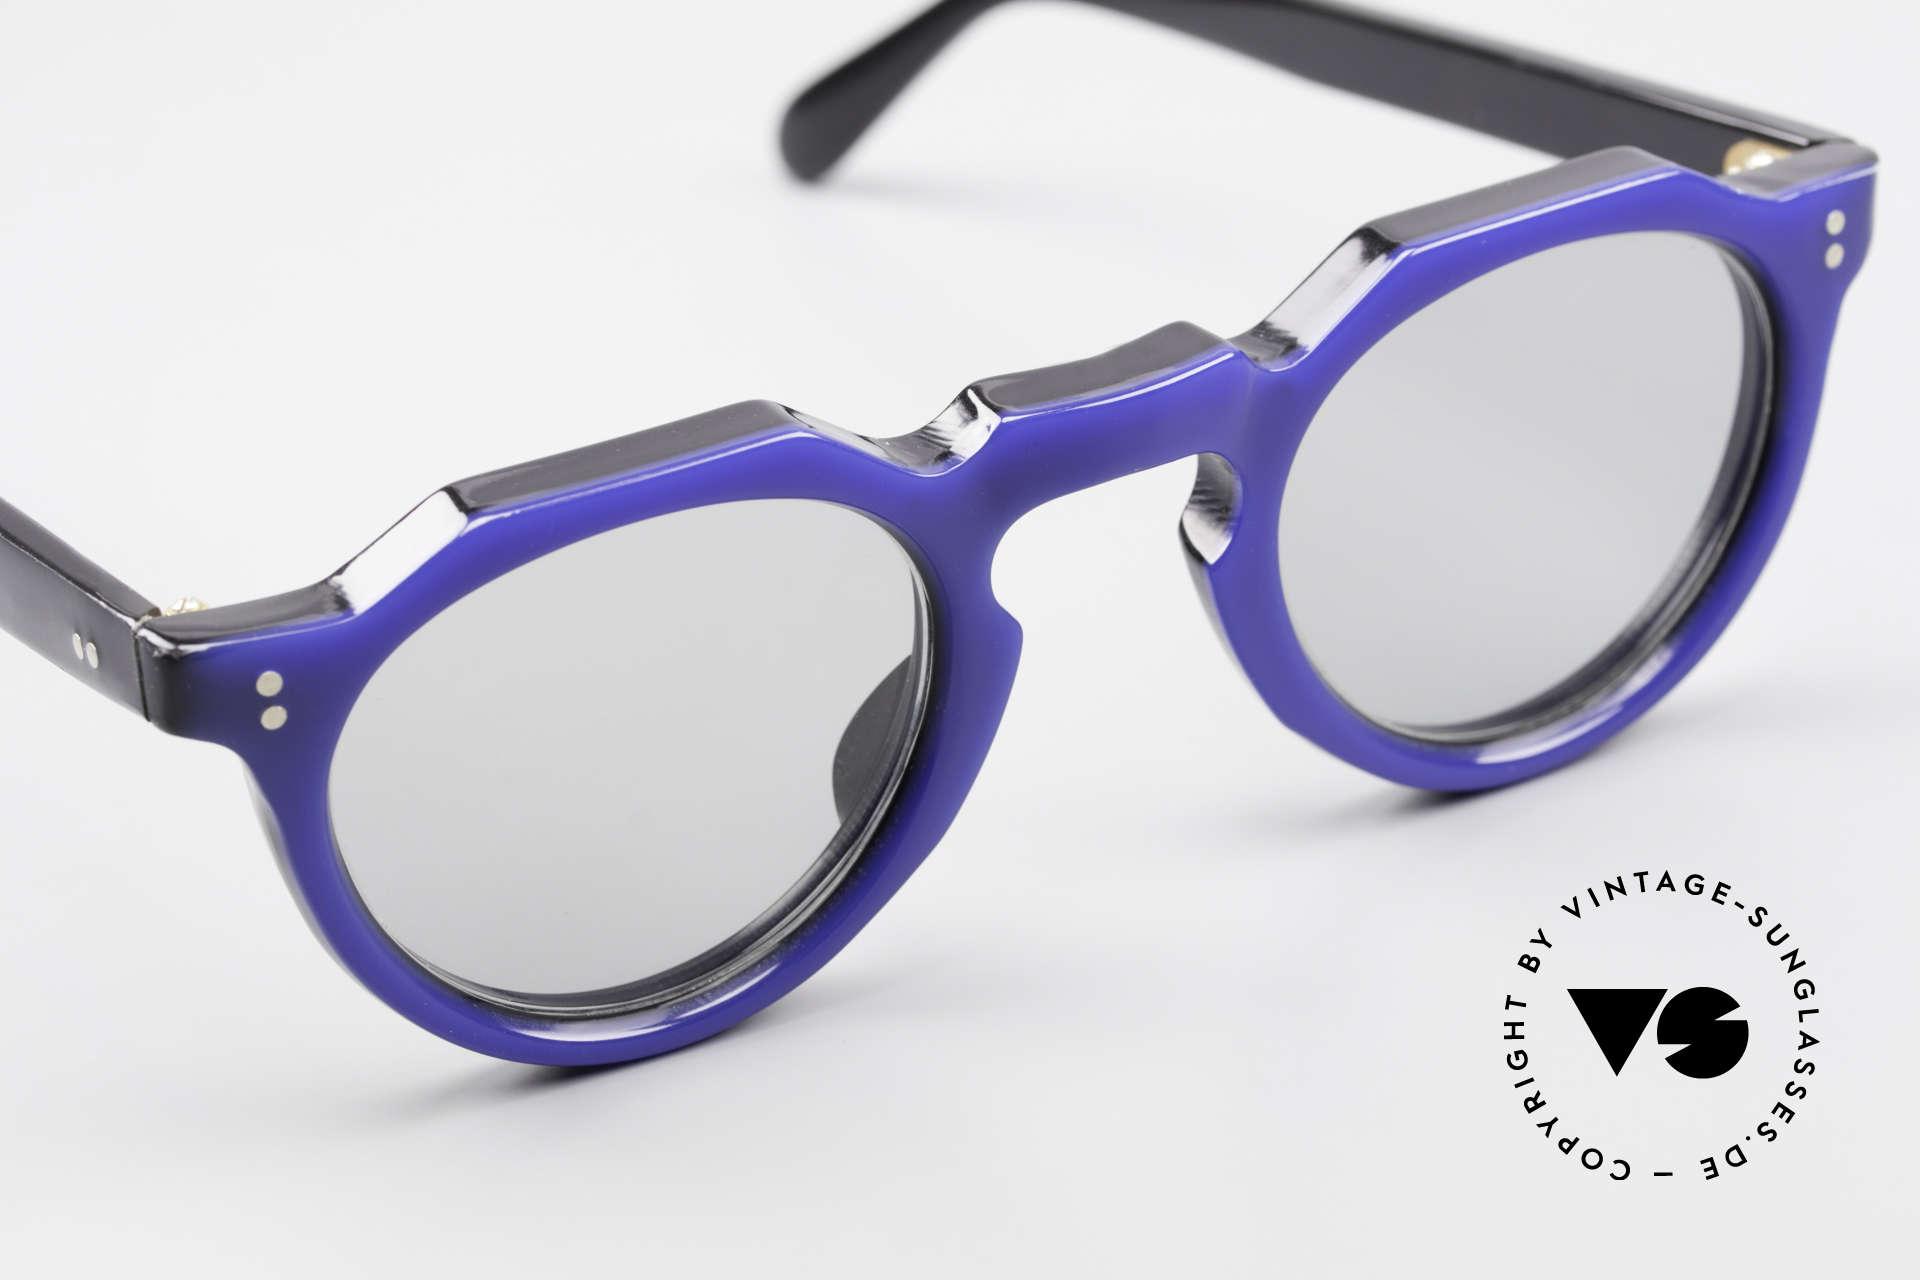 Lesca Panto 6mm 60er Frankreich Brille Panto, Mod. für echte vintage Kenner / Experten / Liebhaber, Passend für Herren